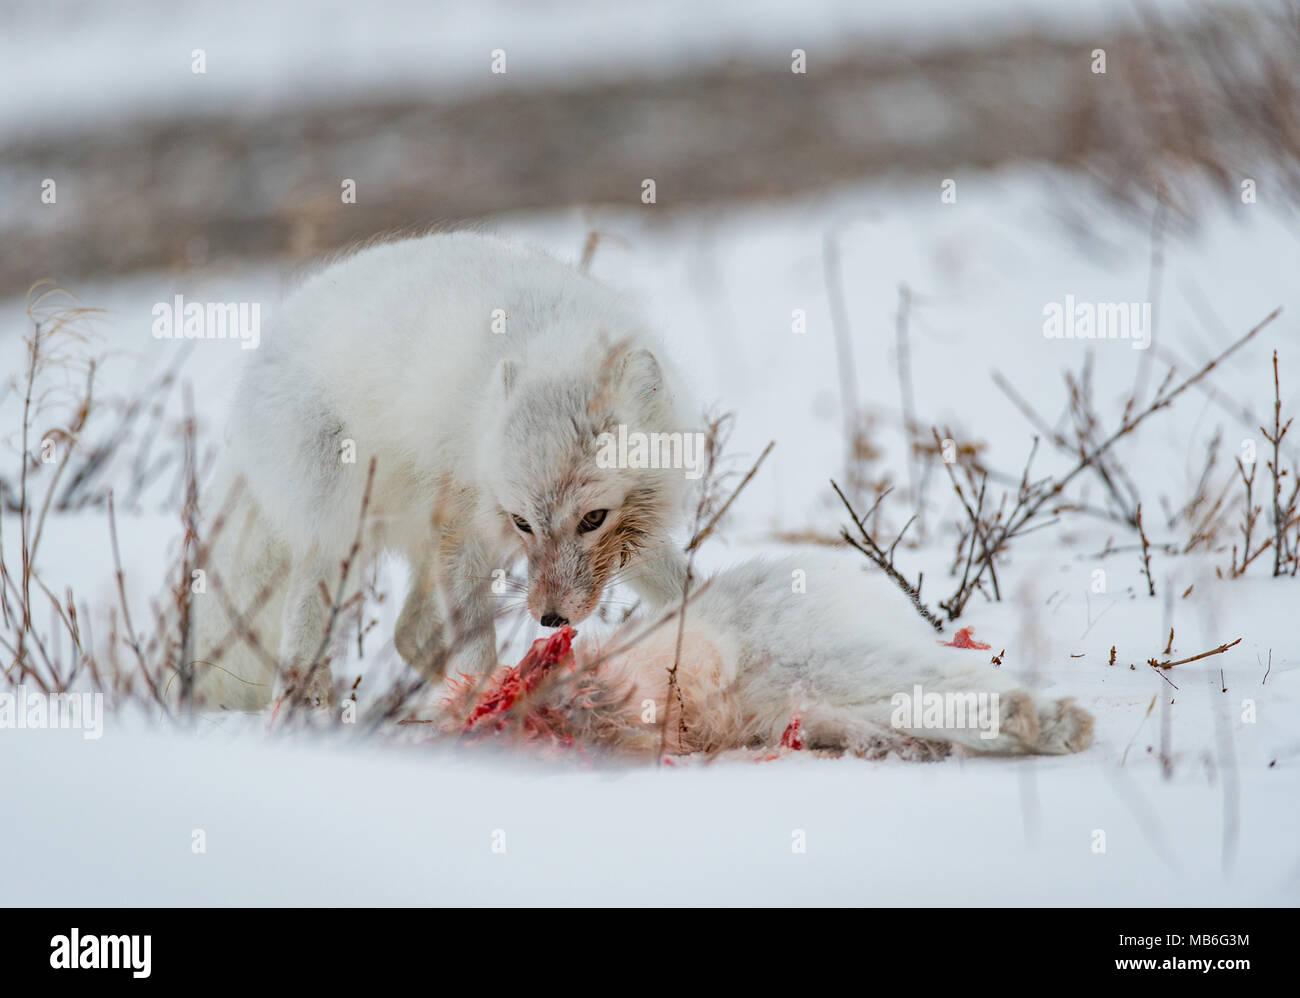 Kannibalismus. Arctic fox Essen ein weiterer Arctic Fox. Stockbild